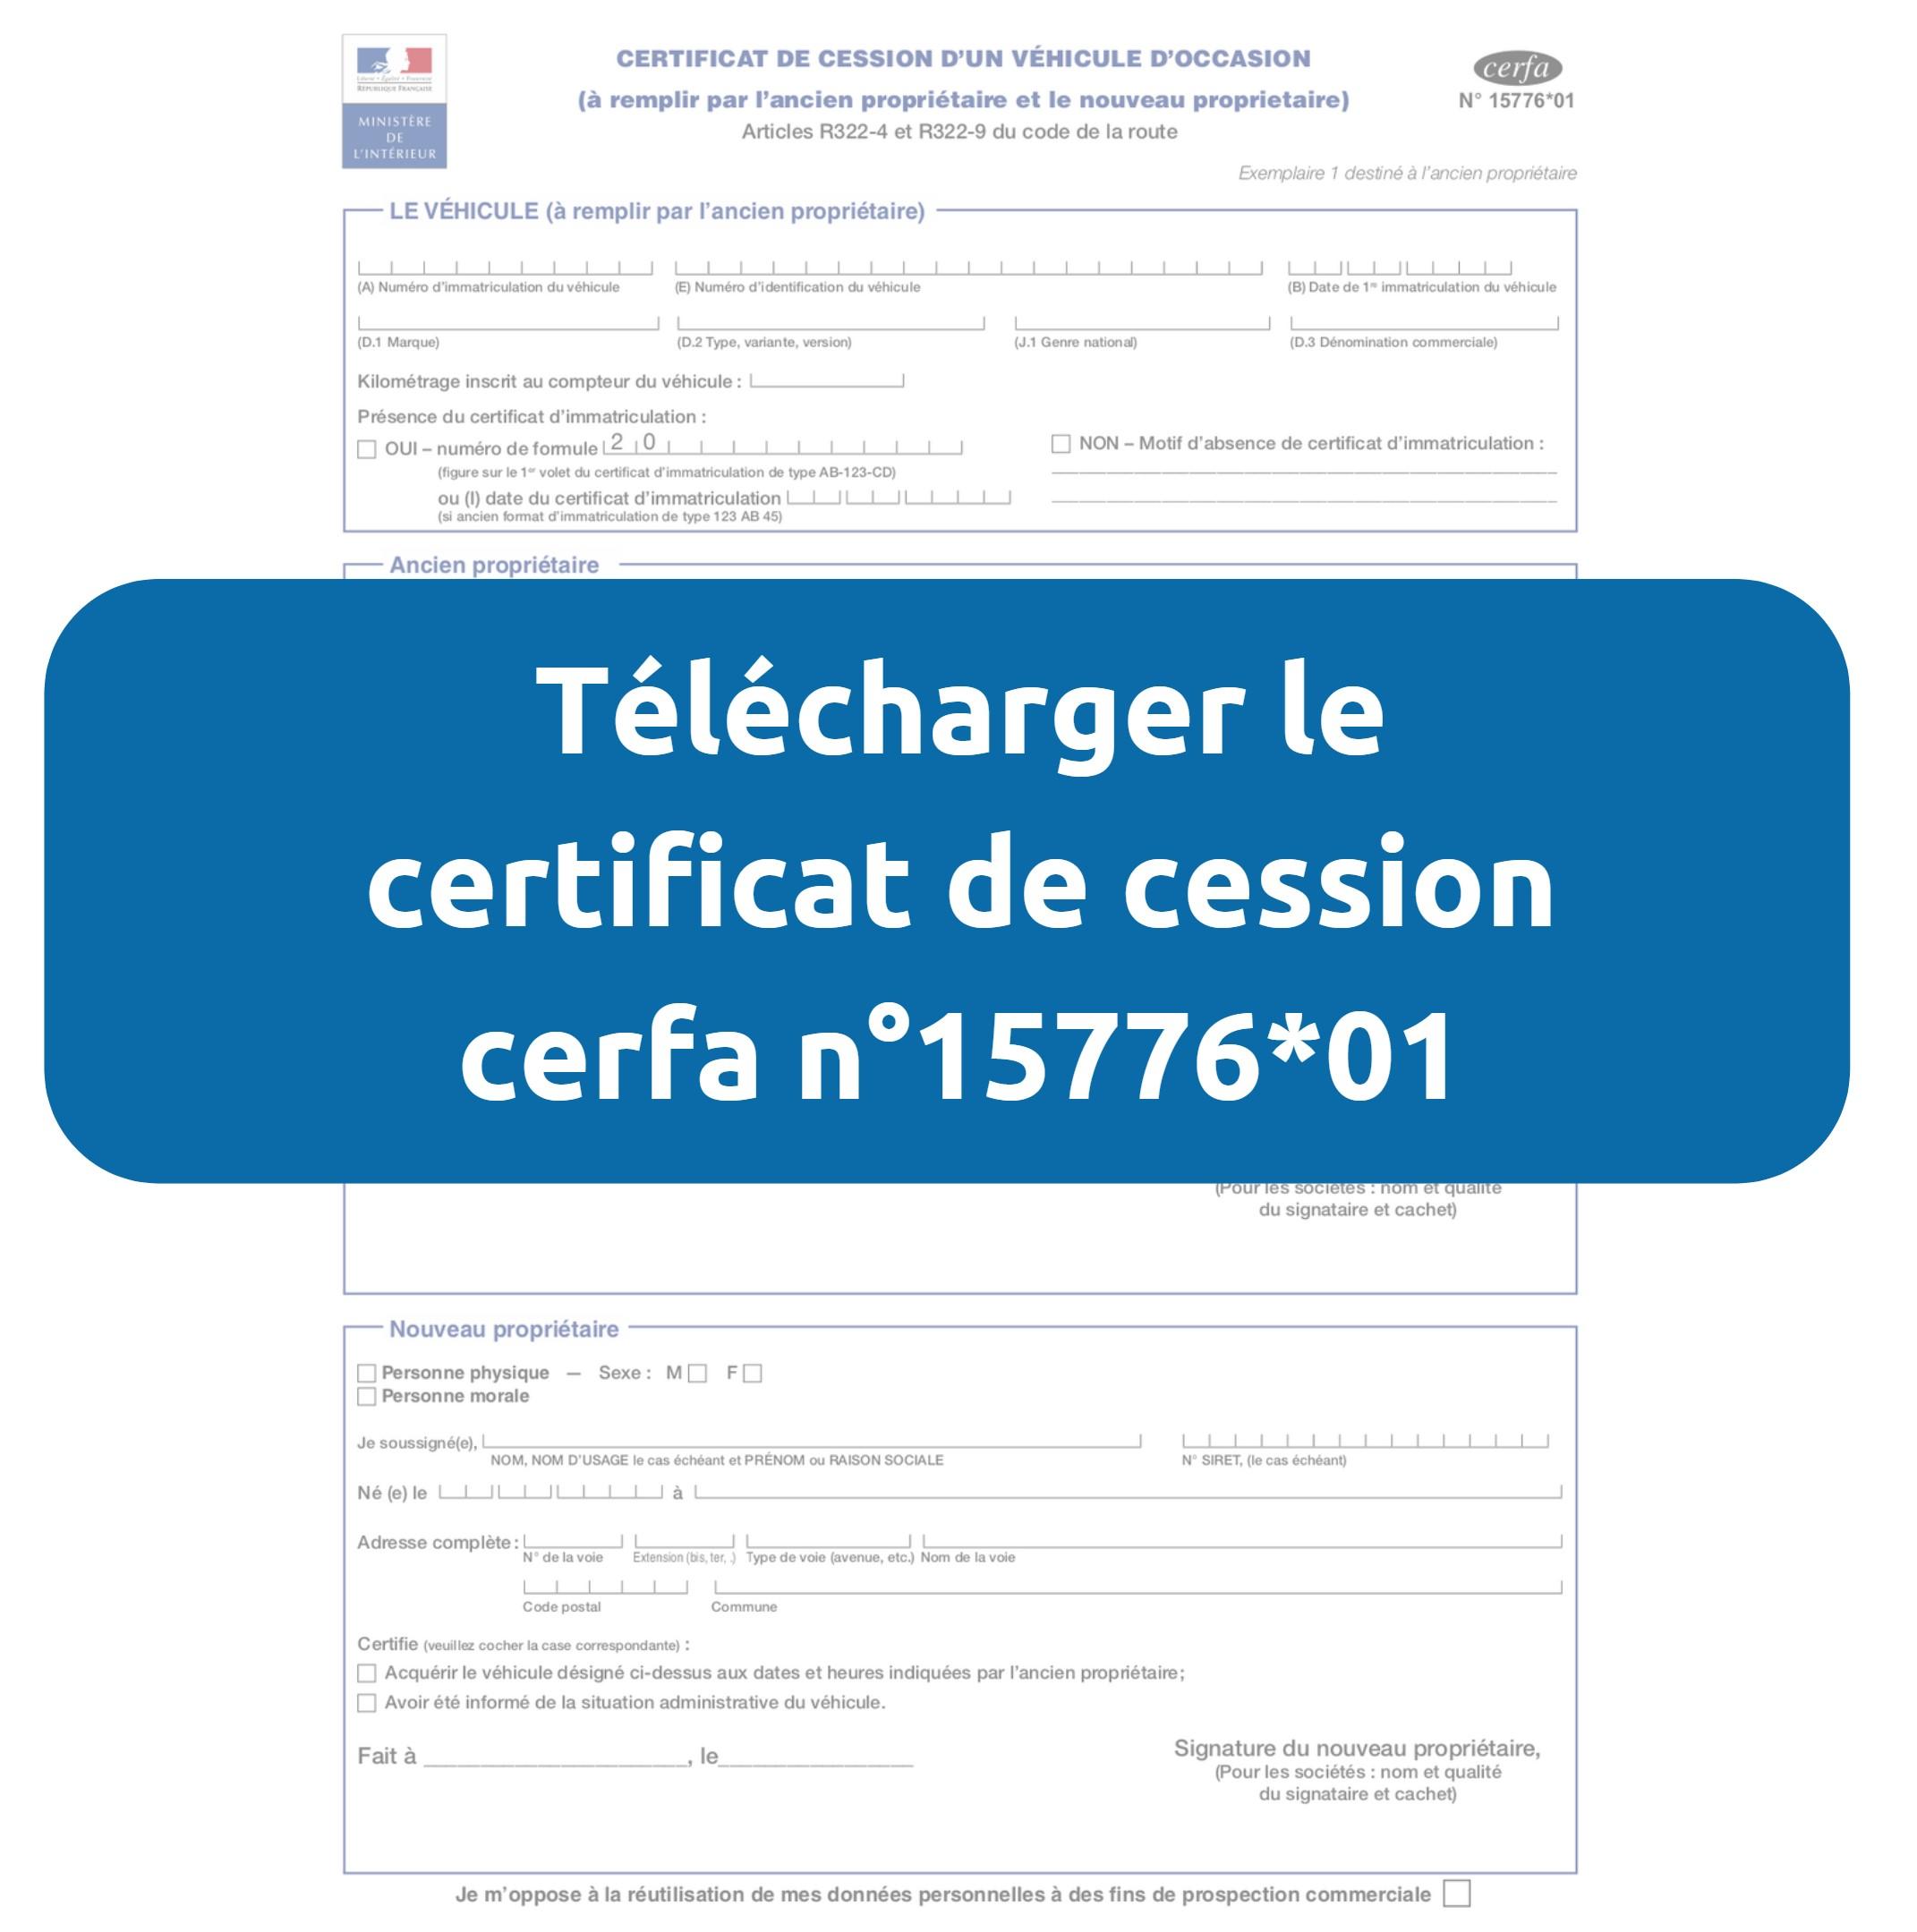 Remplir un certificat de cession